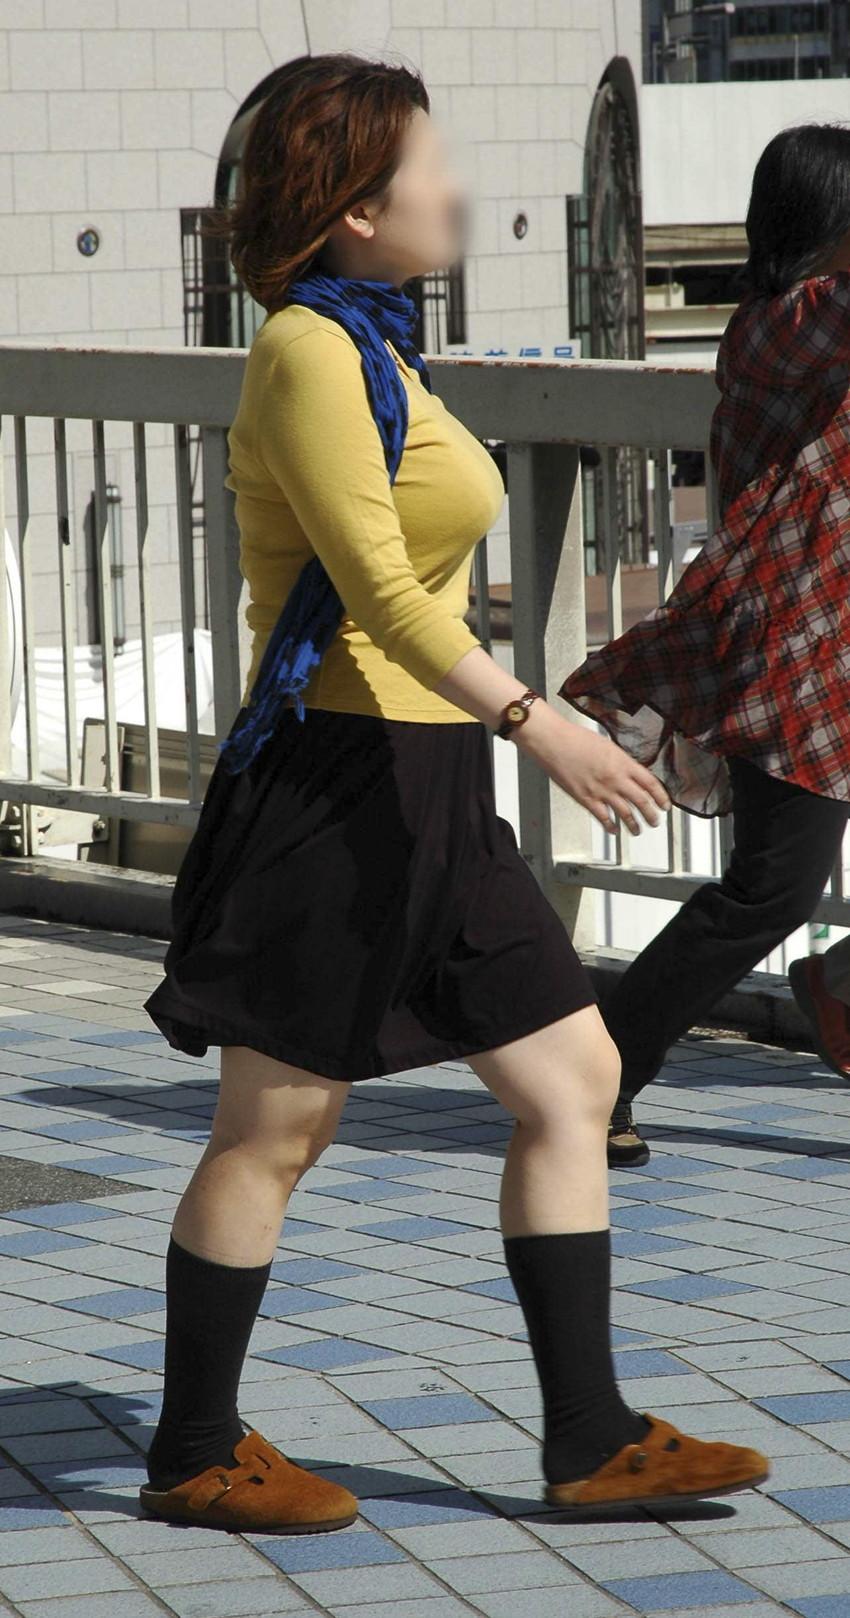 【着衣巨乳エロ画像】こんな見事な巨乳おっぱい揉んでみたいのは男の性! 10